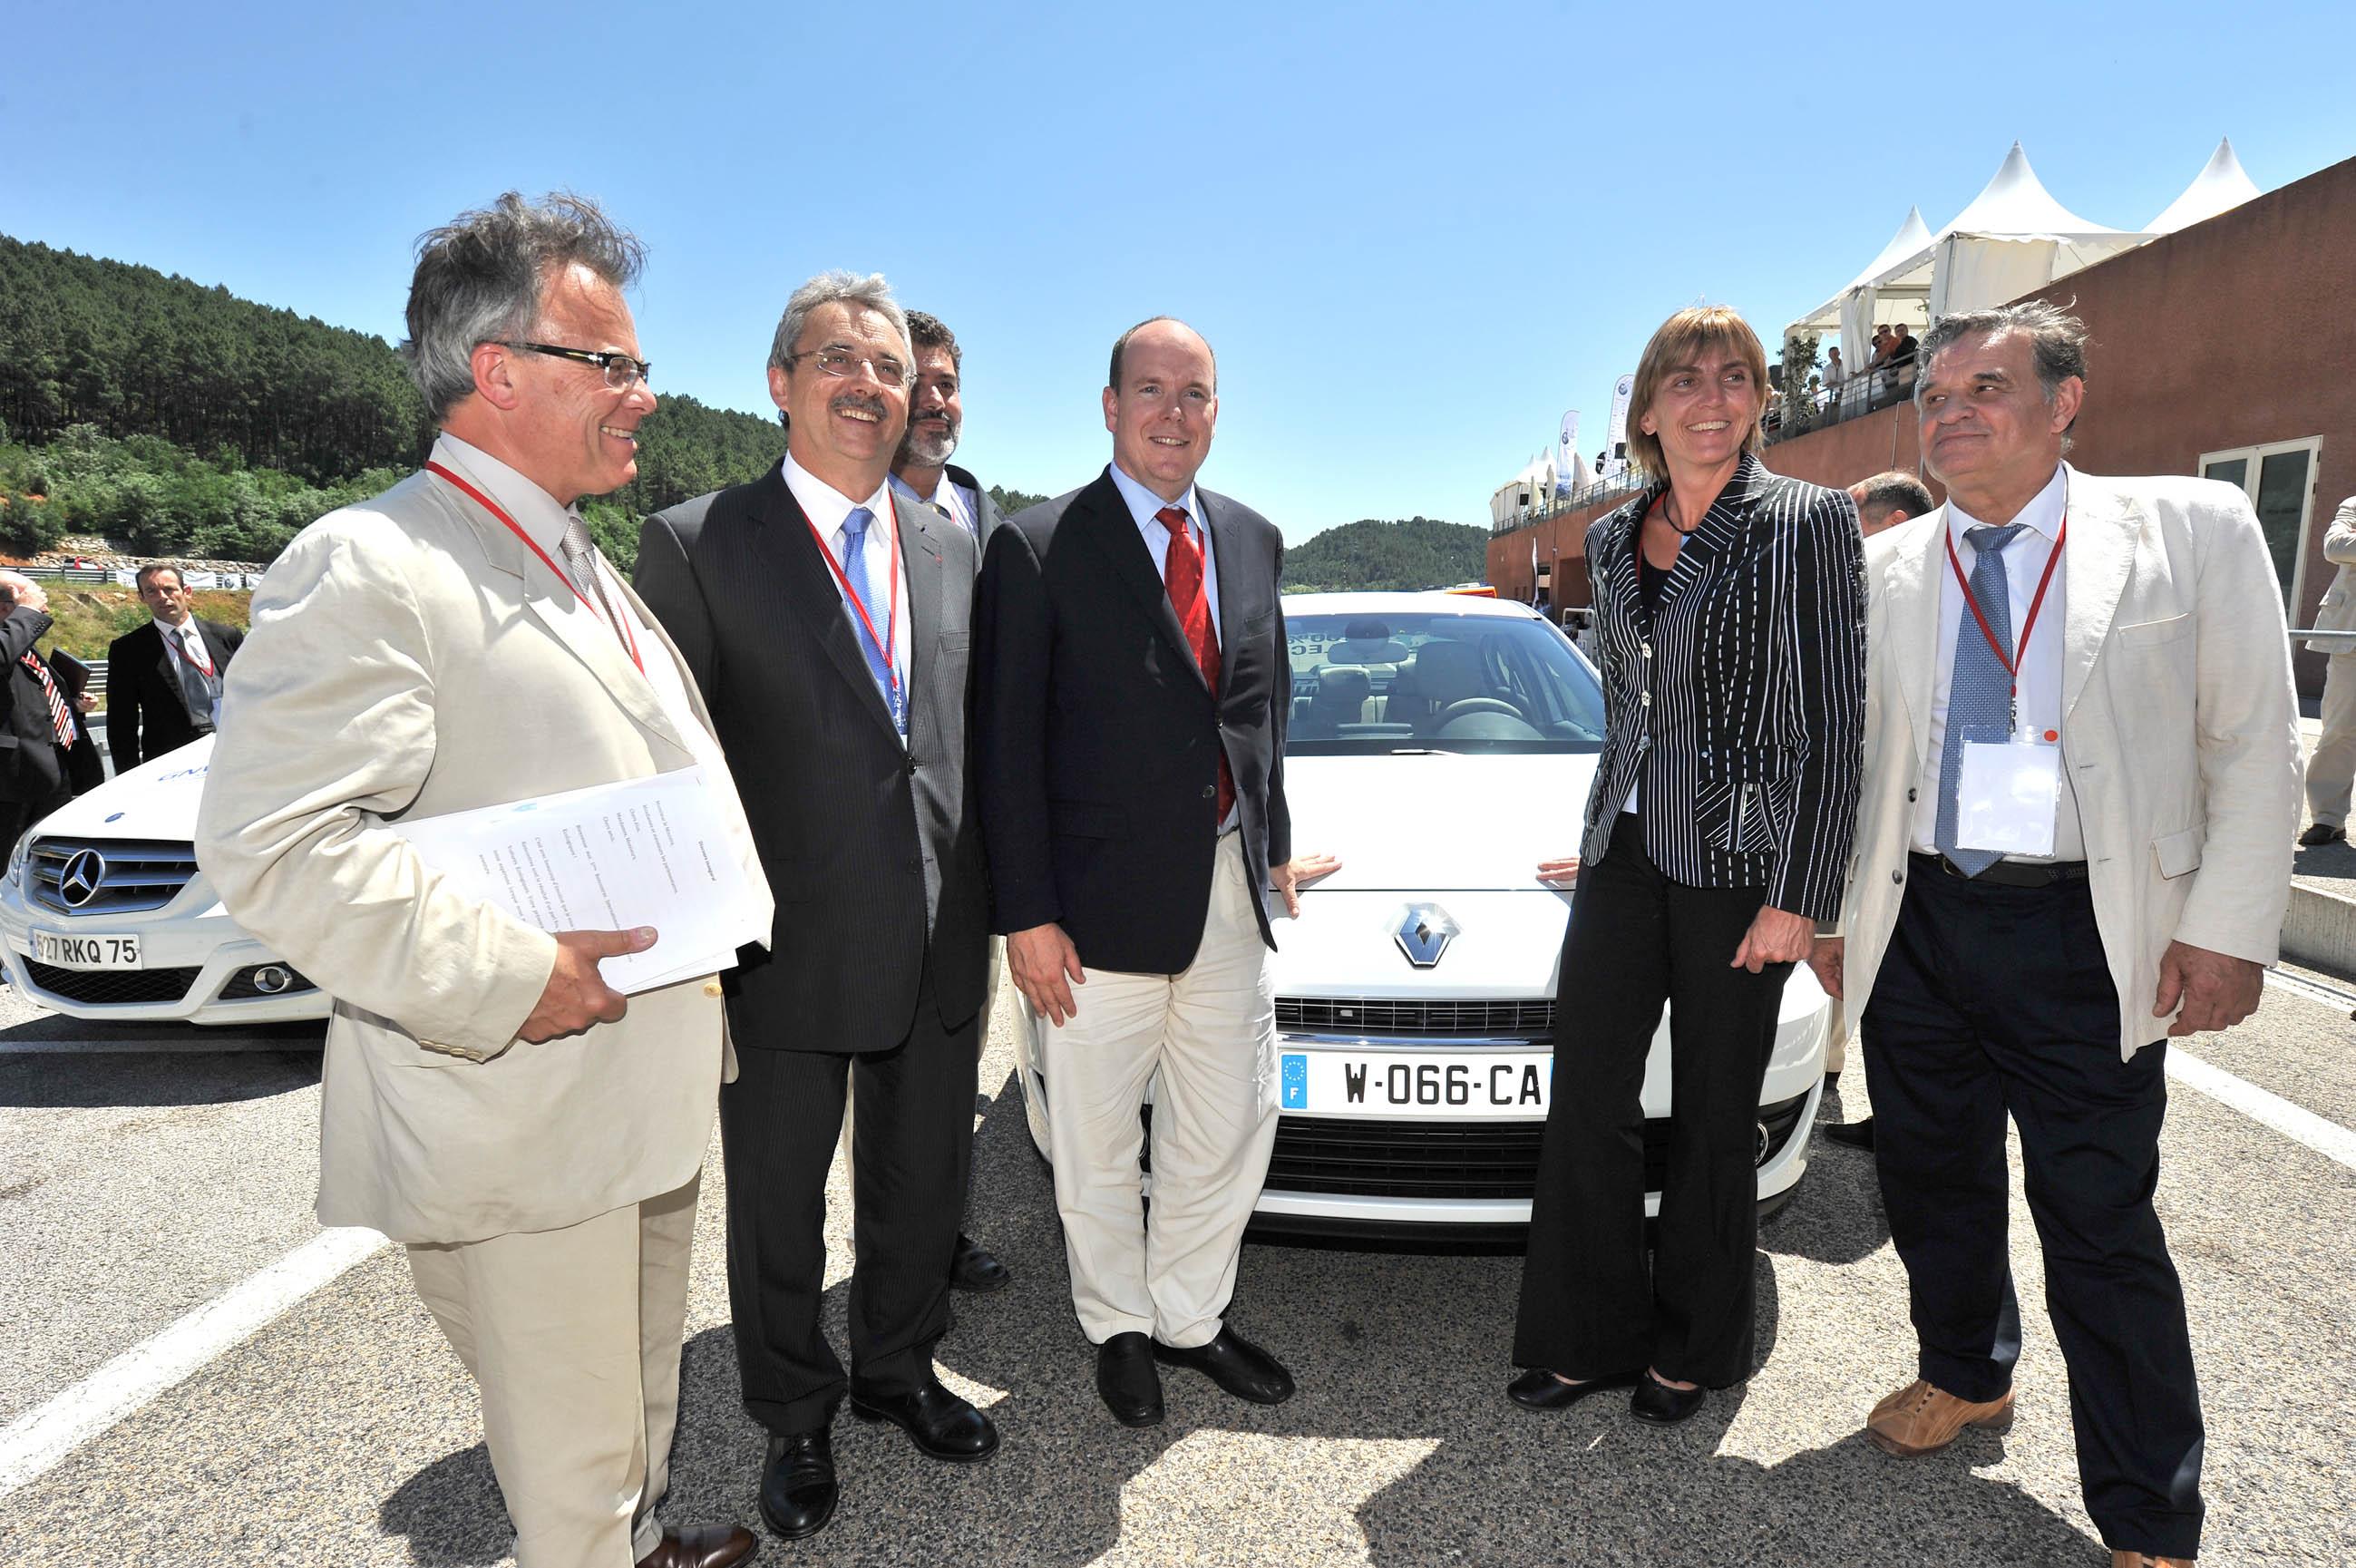 Rencontres internationales des voitures ecologiques 2016